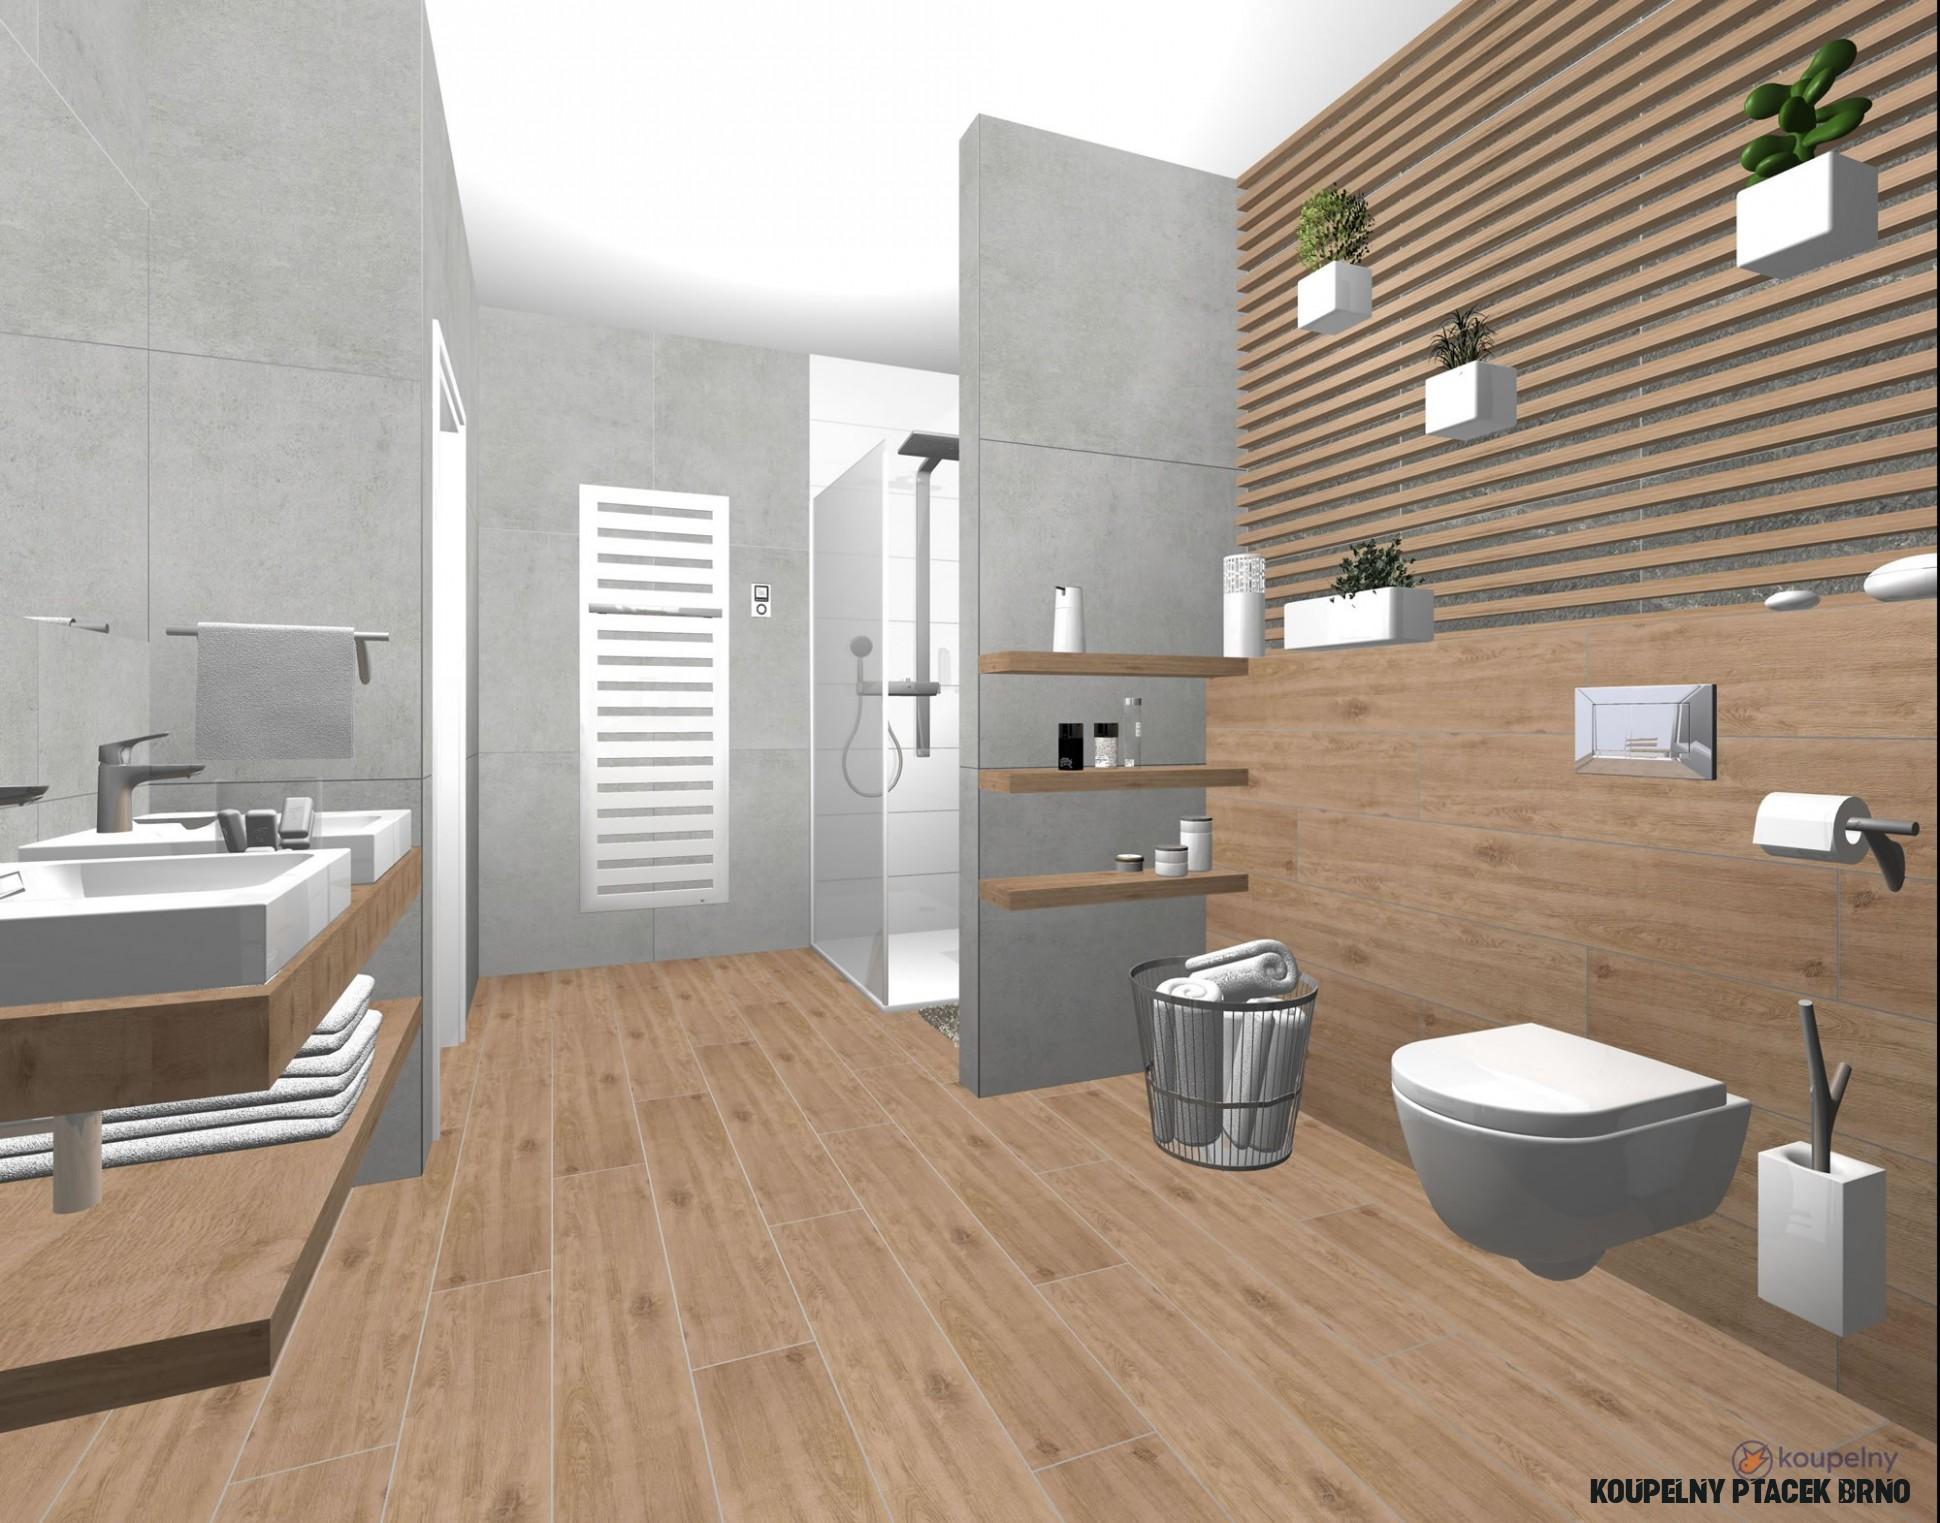 Koupelny ptáček jinočany